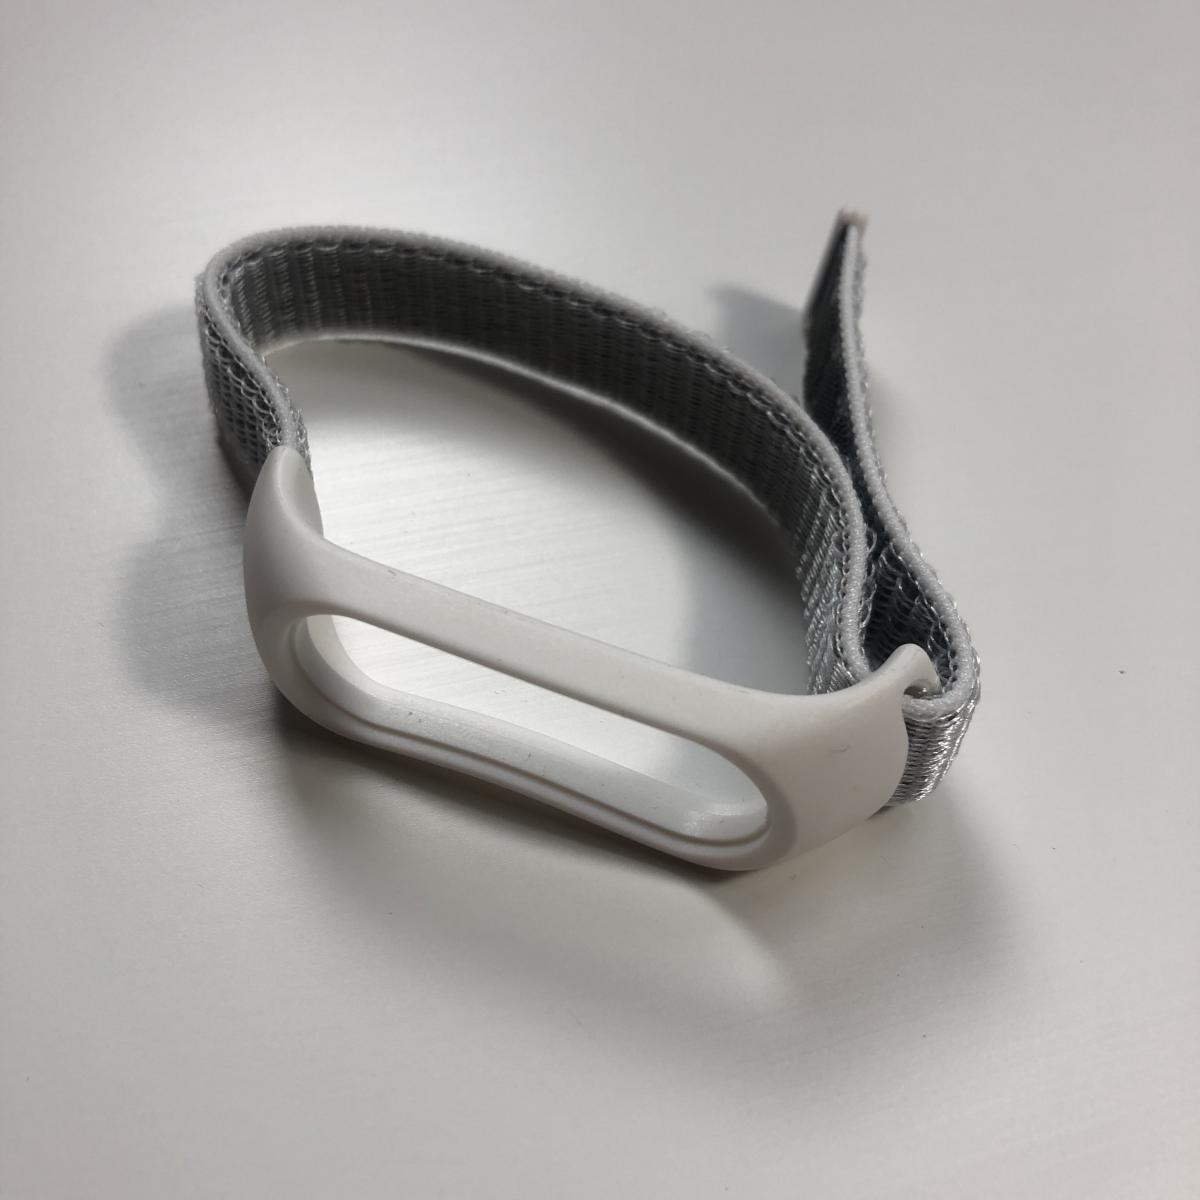 Mi Band 5/6 Sport Wrist White